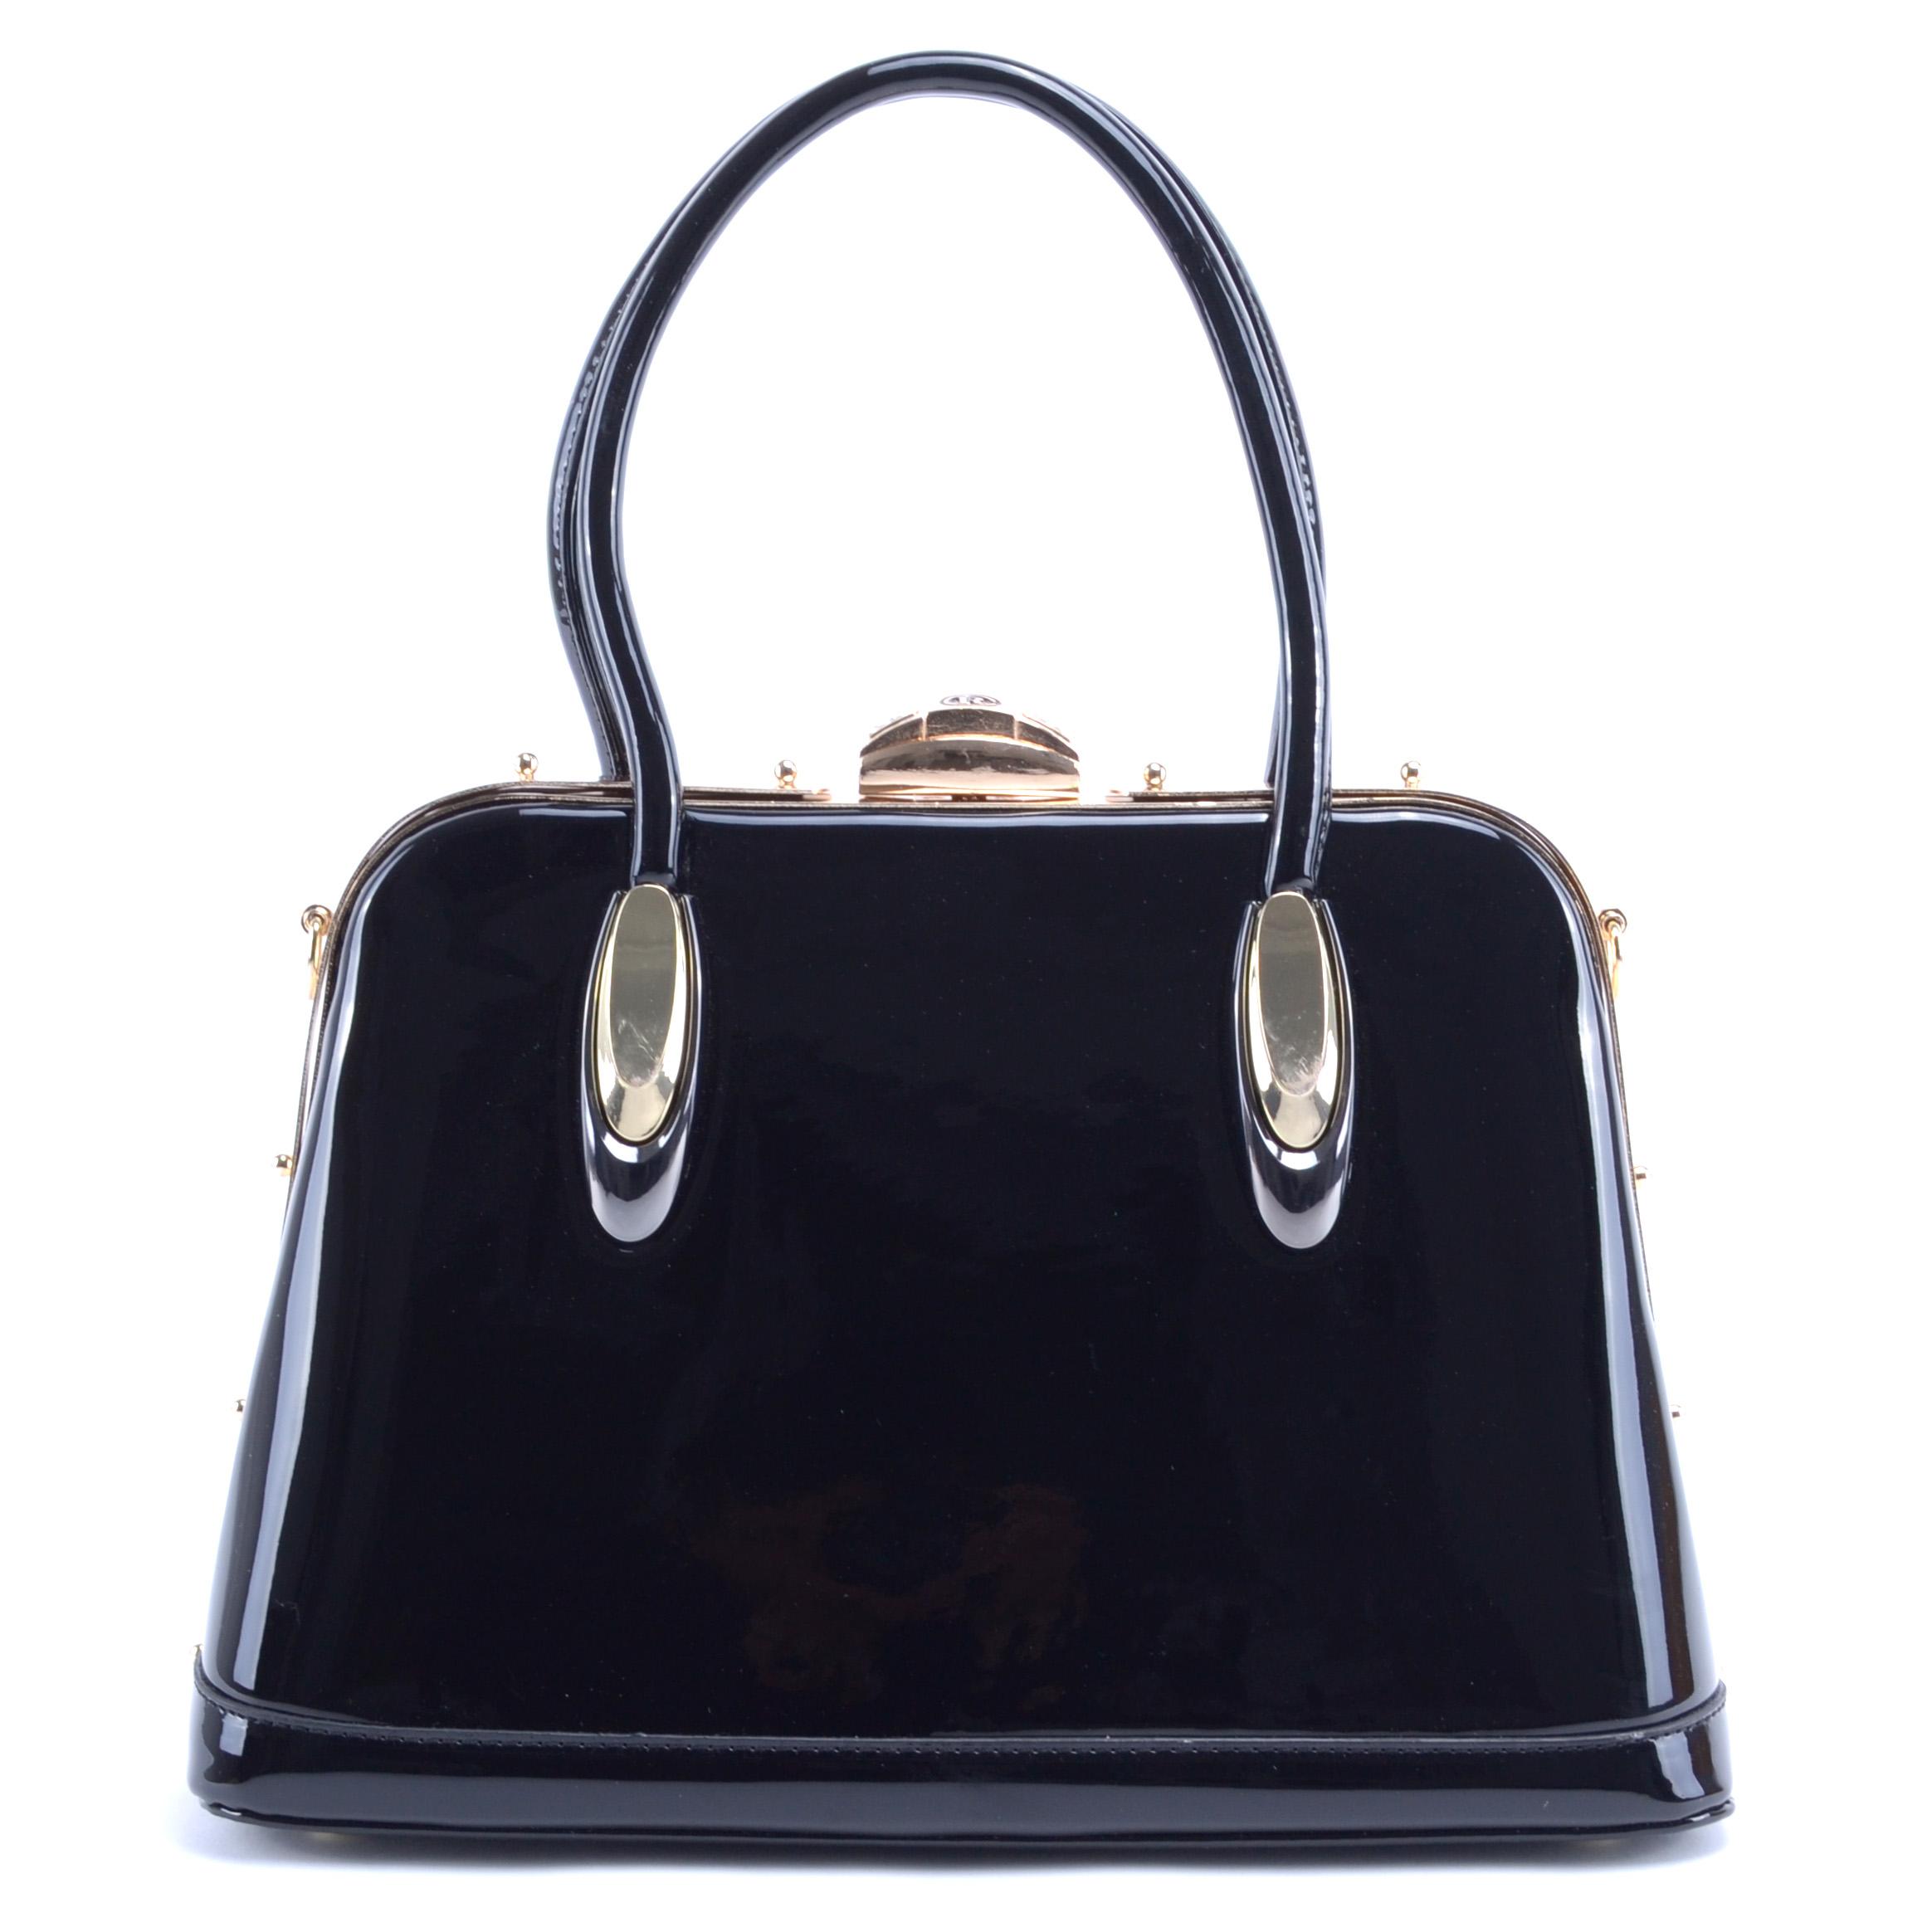 Herisson Női Lakk Válltáska Fekete - Válltáskák - Táska webáruház -  Minőségi táskák mindenkinek a66ce8e6cc